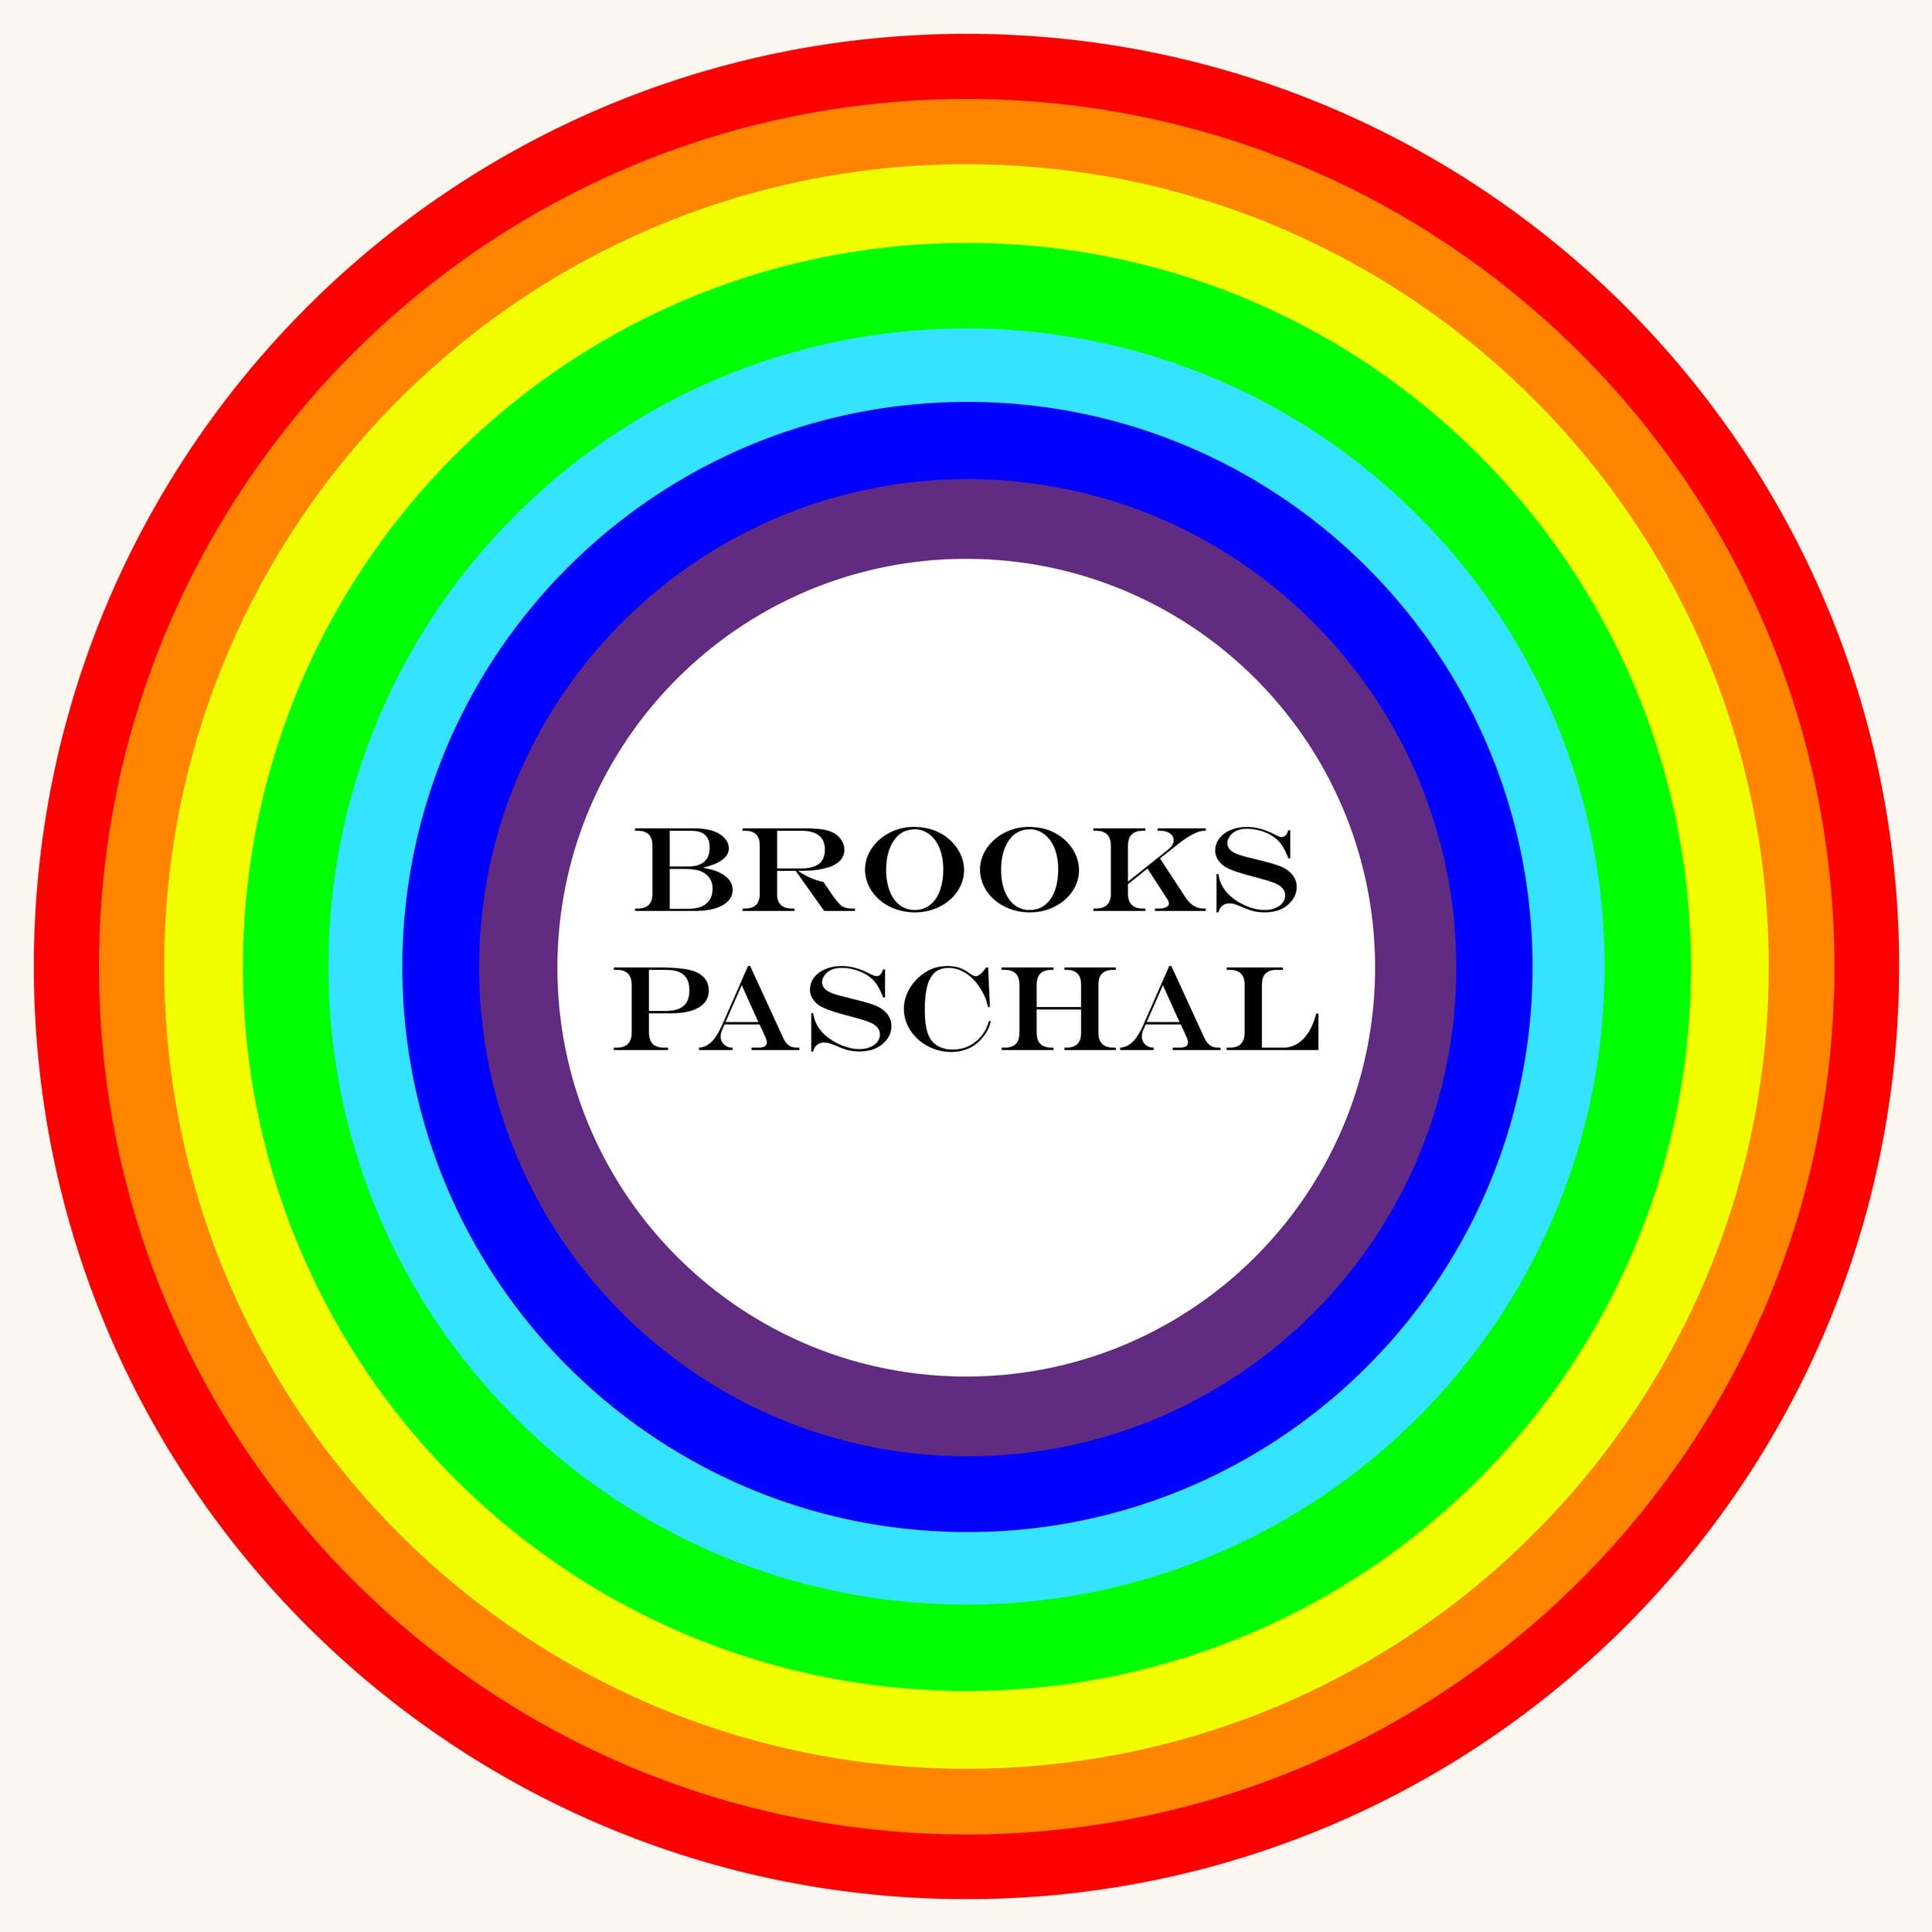 BrooksPaschal.jpg